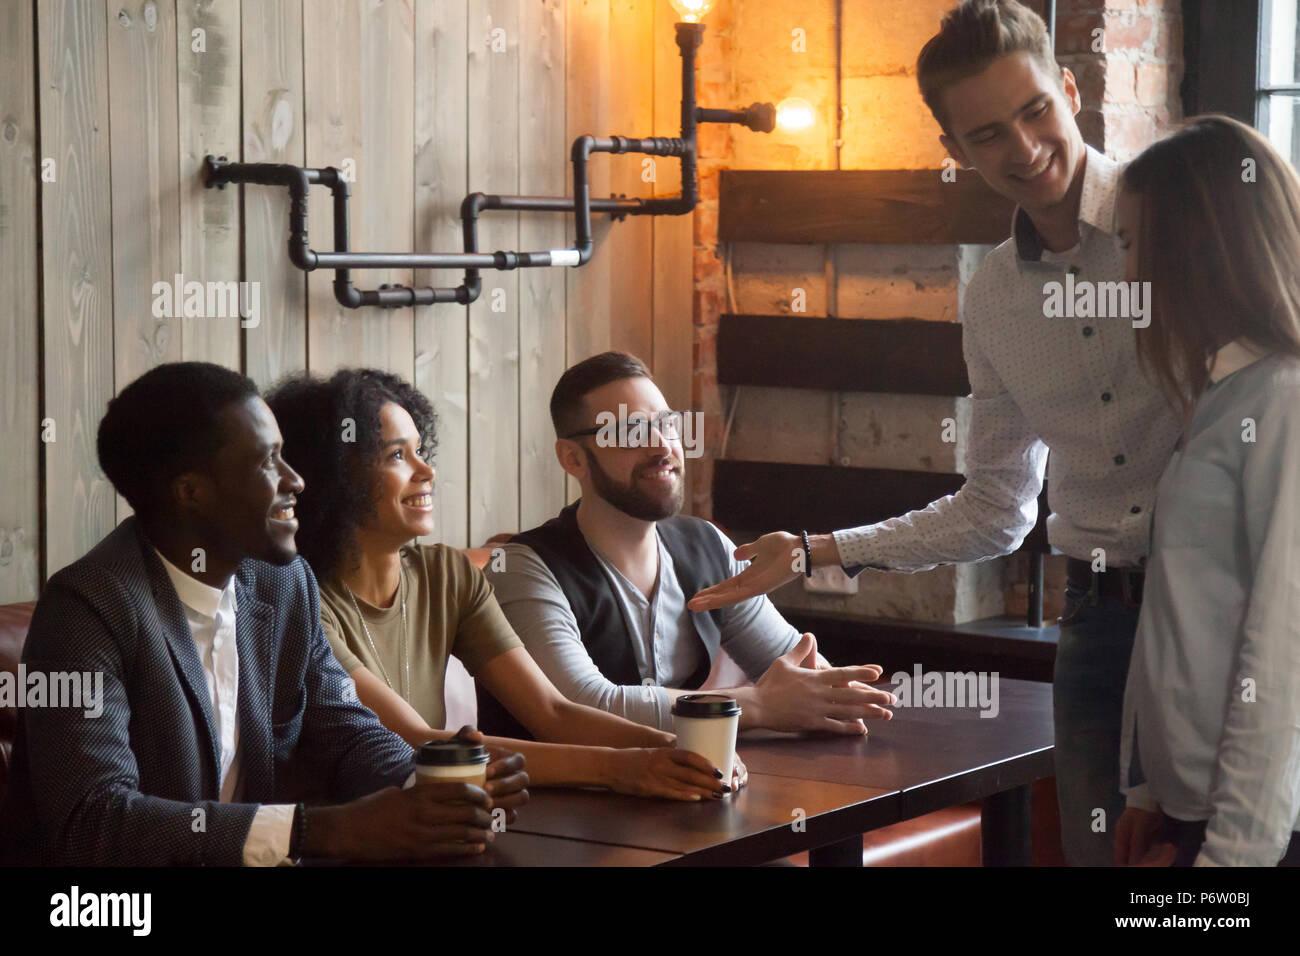 Sitting Présentation nouvel employé à ses collègues au cours de fac Photo Stock